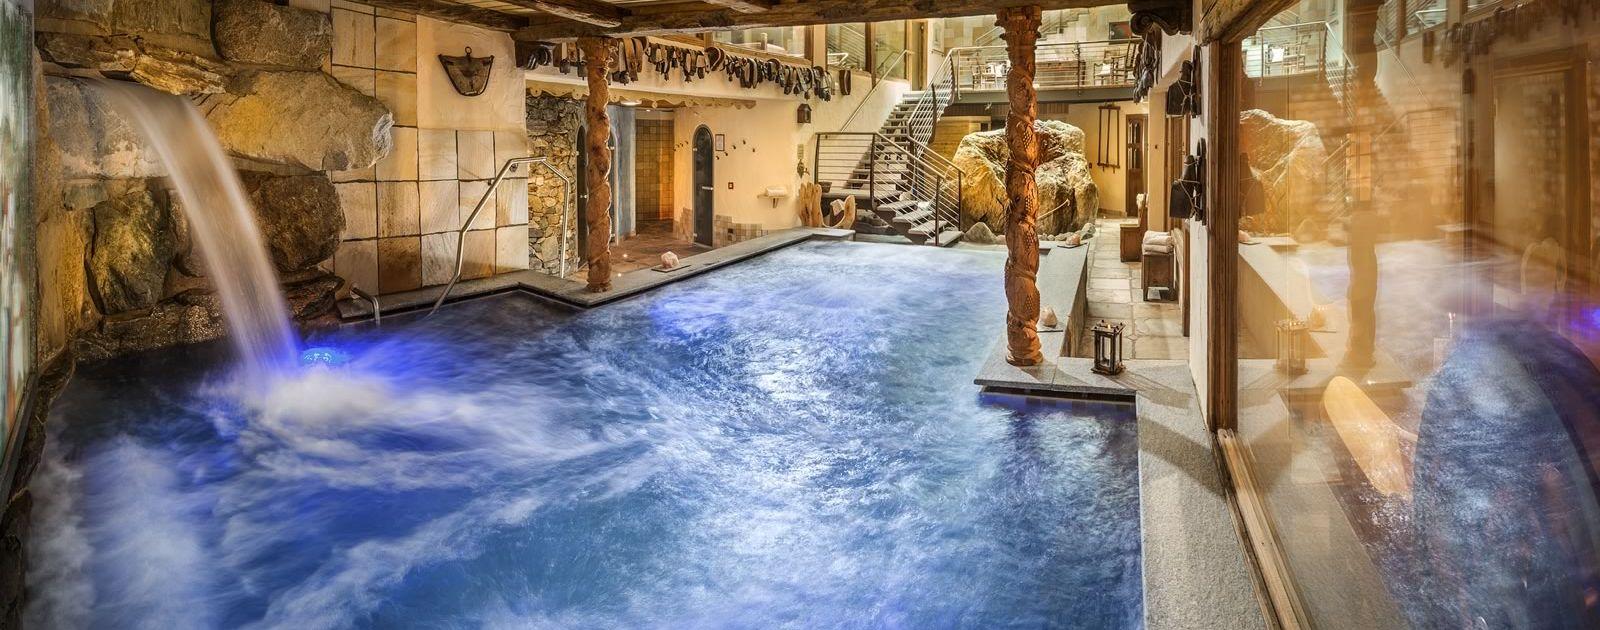 Bellevue Hotel Spa